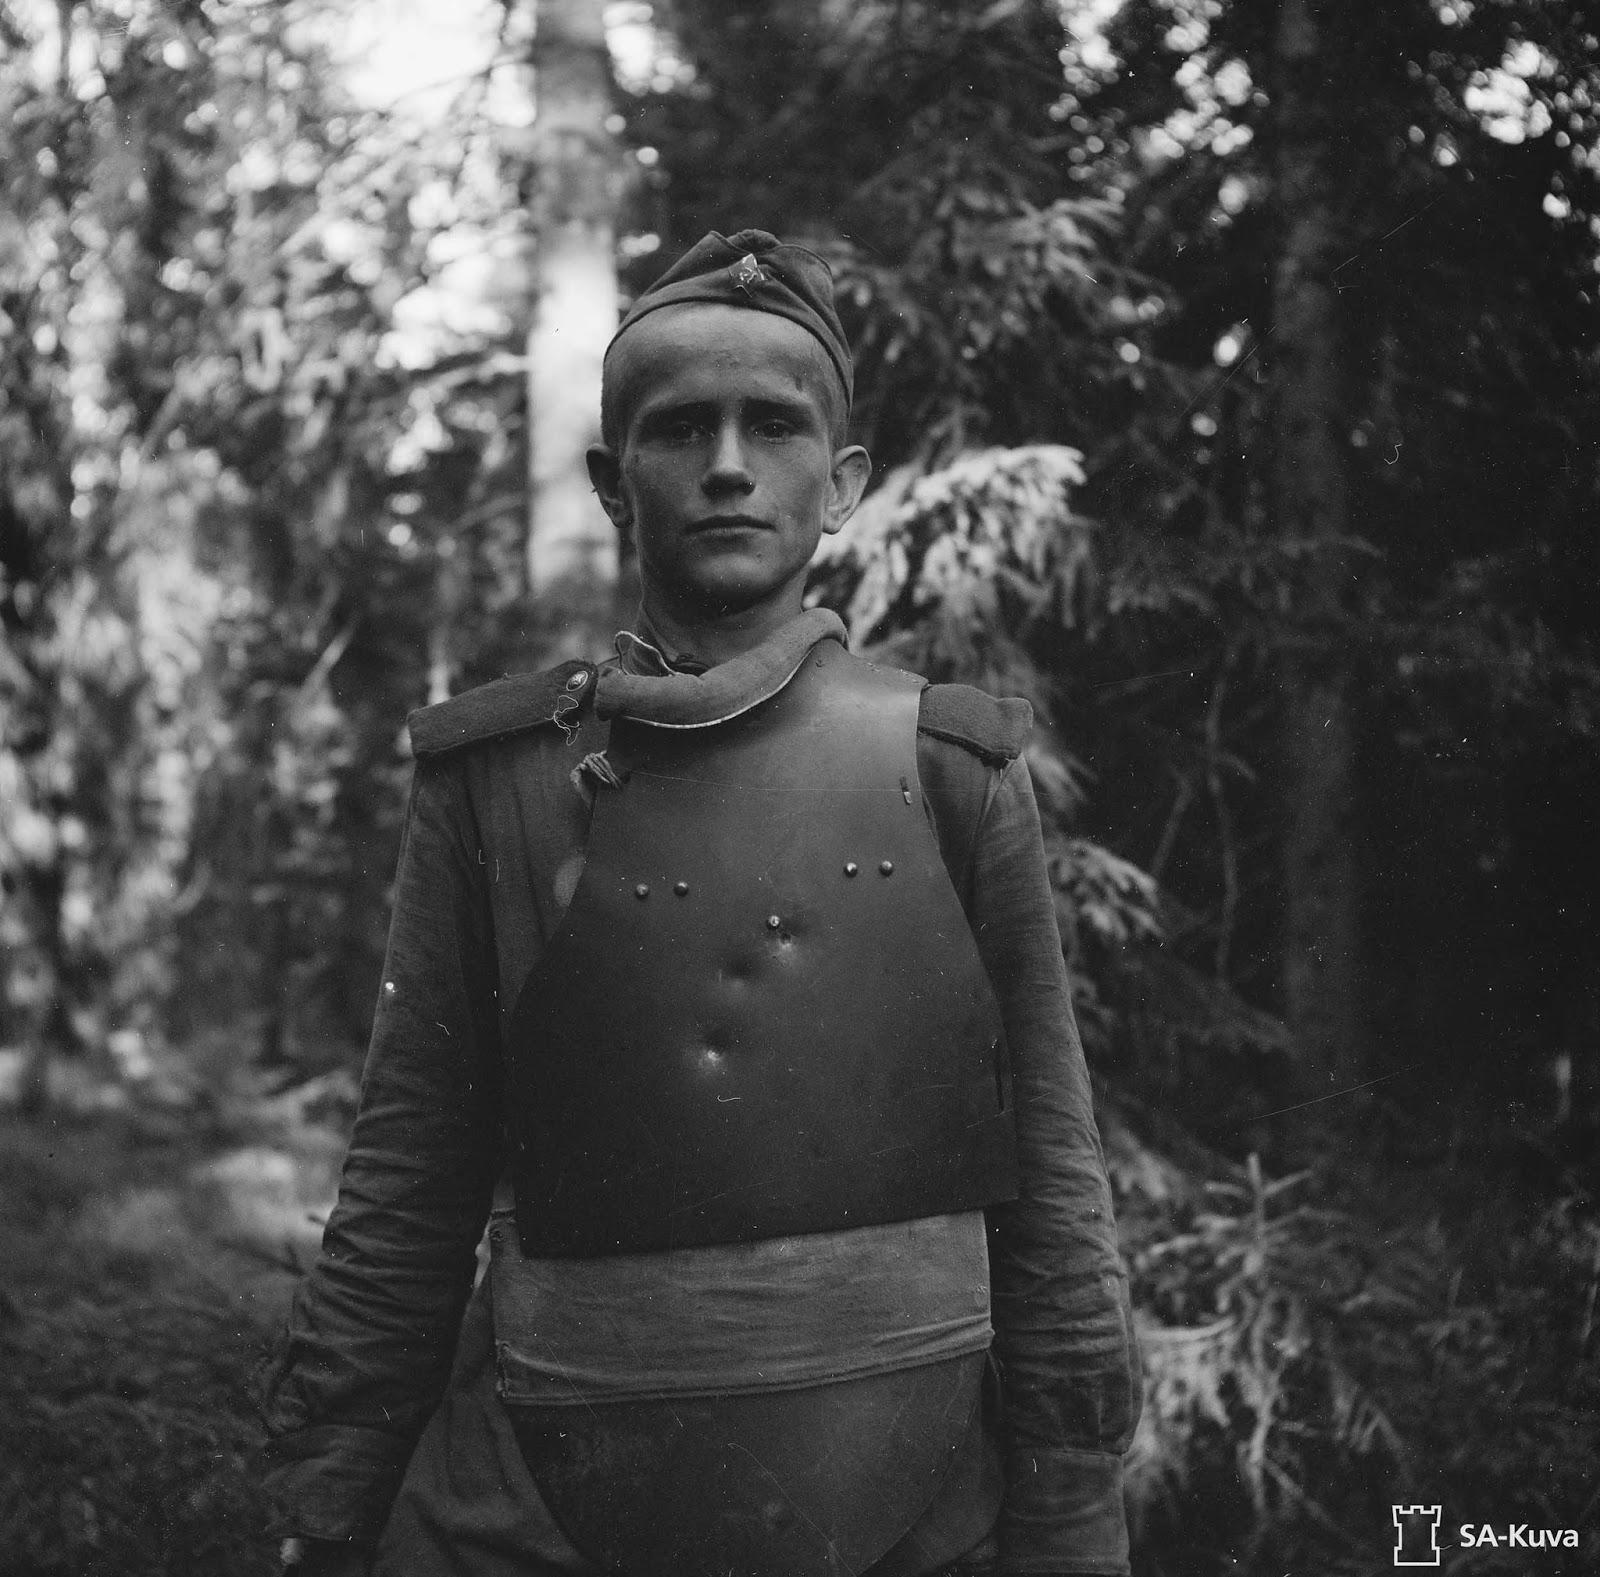 Capturé Soviétique soldat vêtu de SN-42 armure de corps, 1944